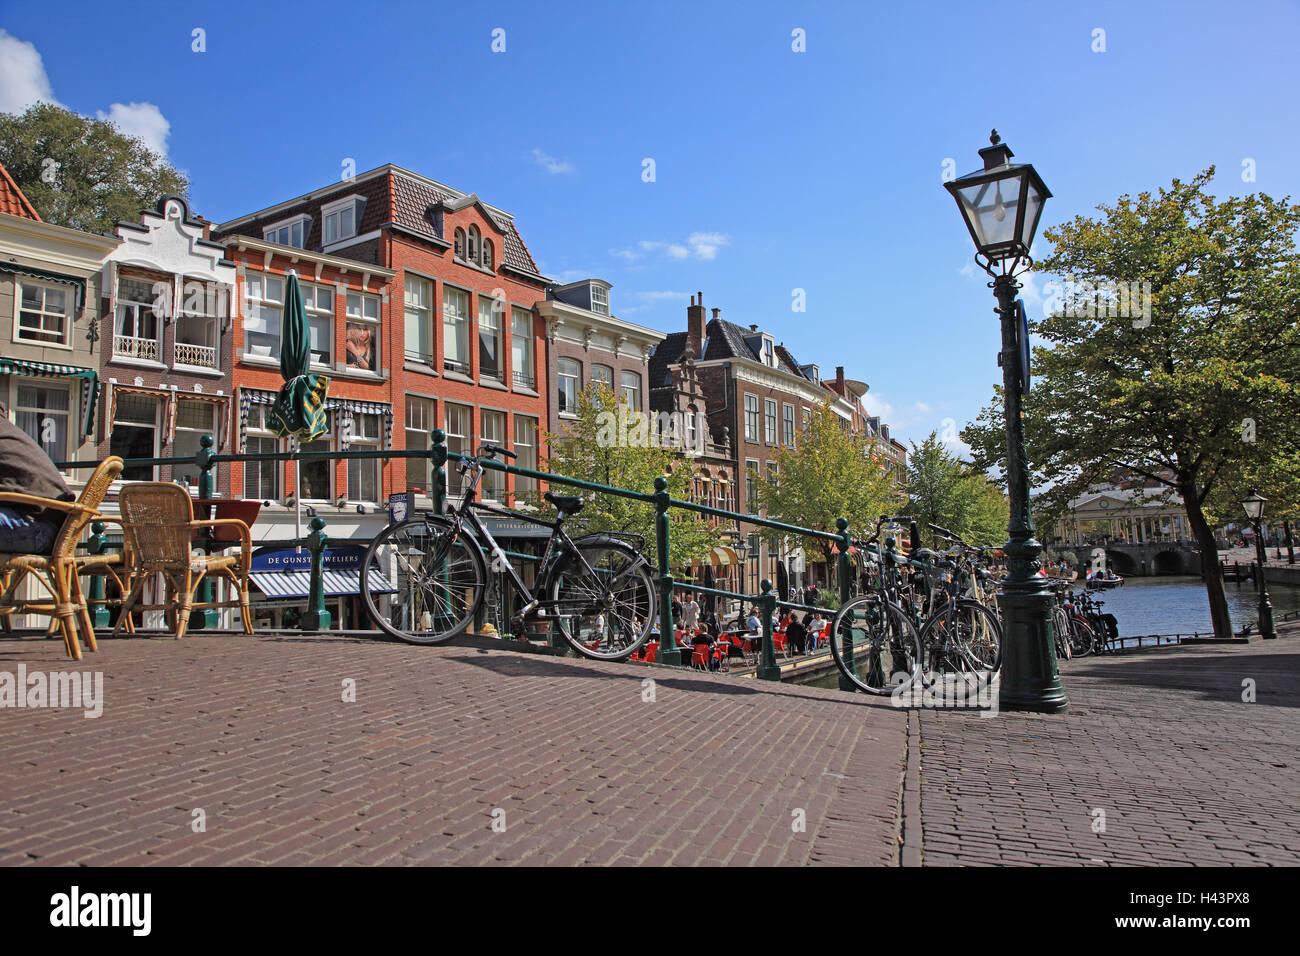 Den Niederlanden, Beschwerden, Häuser, Brücke, Laterne, Fahrräder, Stockbild